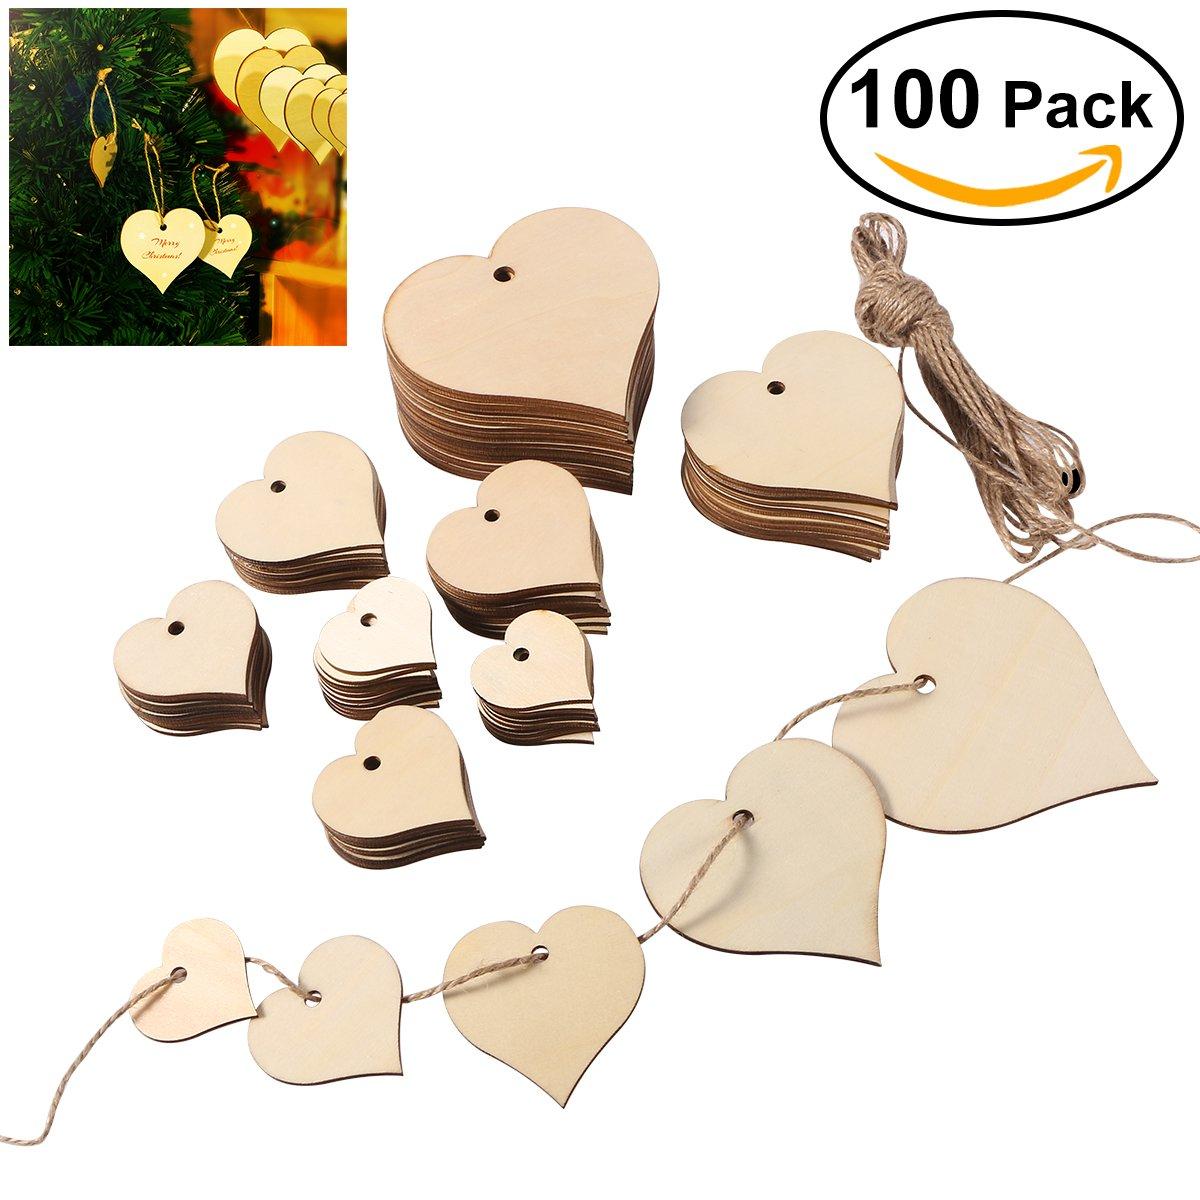 ULTNICE Recortes de madera del corazón que cuelgan el ornamento con el tamaño 4CM los 5CM 6CM 8CM los 10CM, 100pcs de la guita de 10M